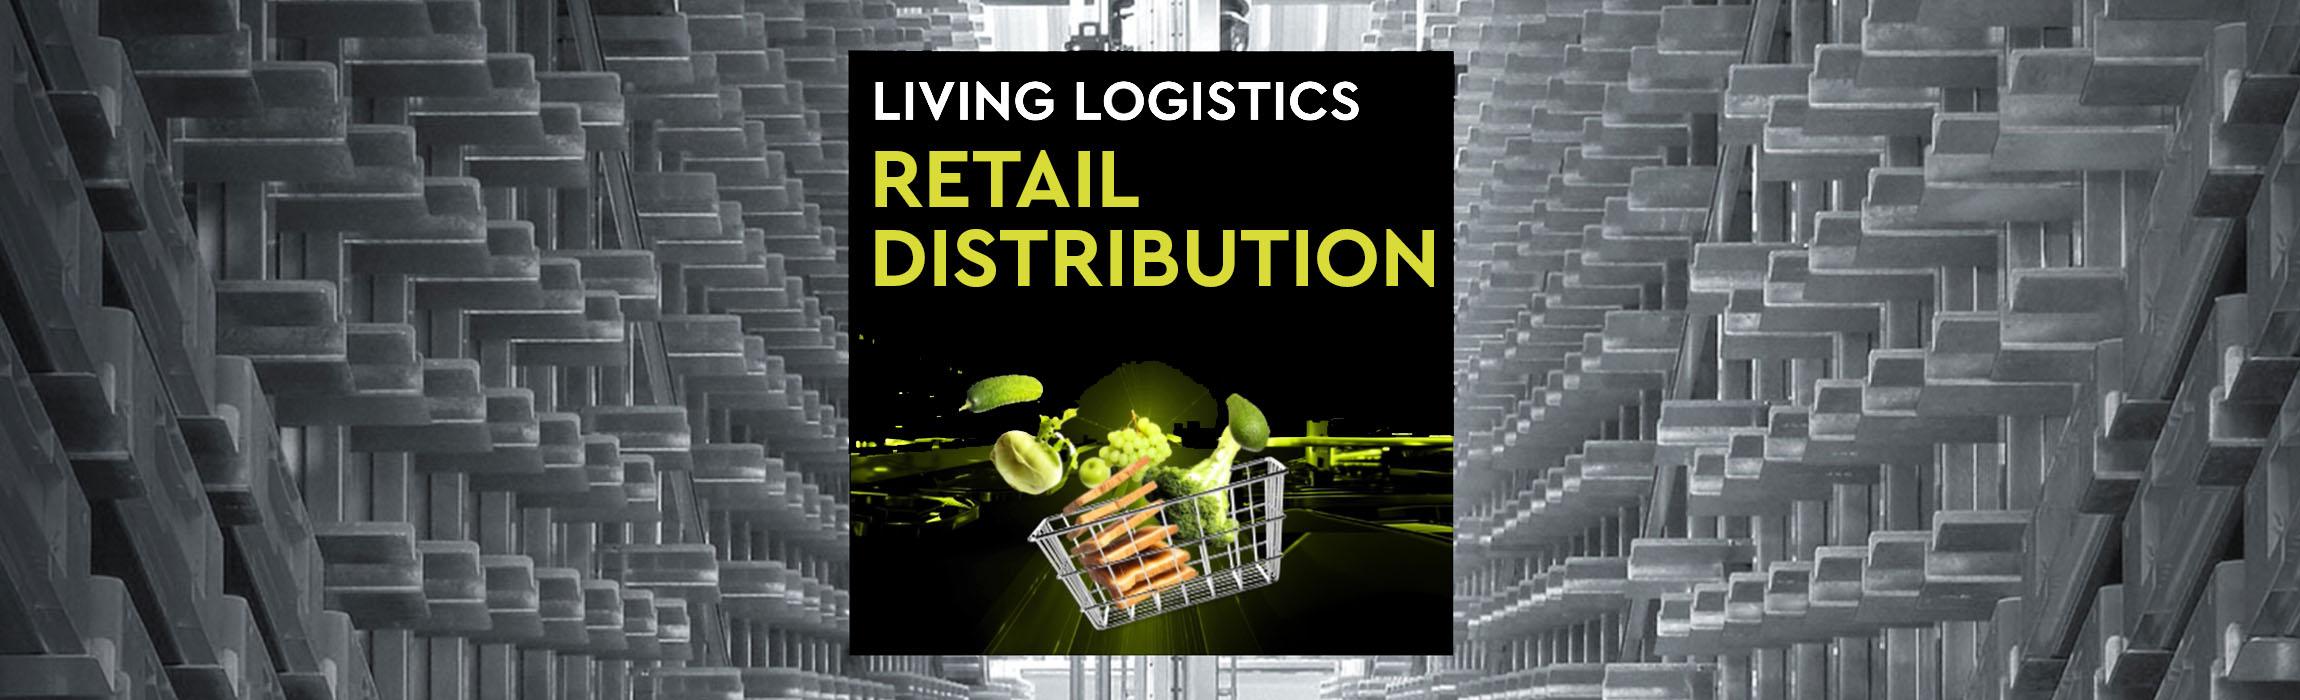 Einzelhandelsdistribution: Die richtige Automatisierungslösung mit effizienter Technologie für Frisch- und Tiefkühlware.